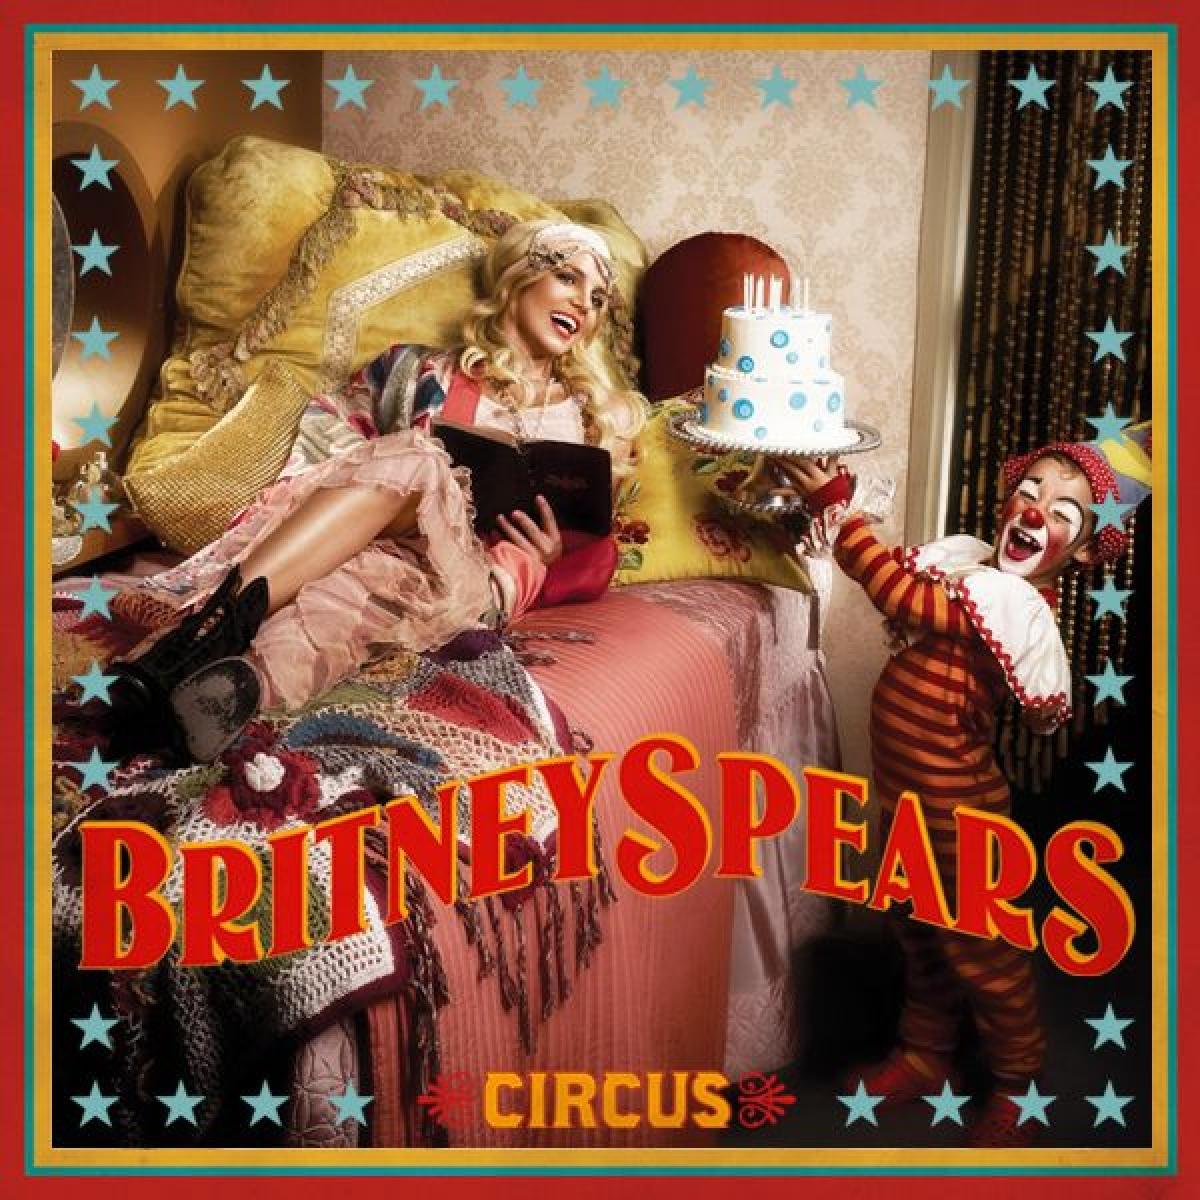 """Cũng trong năm 2008, Britney còn mang đến cho khán giả ca khúc """"Circus"""". """"Circus""""cũng là một bản electropop và dance-pop với các yếu tố của pop rock và cách hát """"nửa rap"""" với giai điệu vô cùng sôi động và gợi cảm. Ca khúc cũng lọt vào vị trí số 3 trên bảng xếp hạng Billboard."""